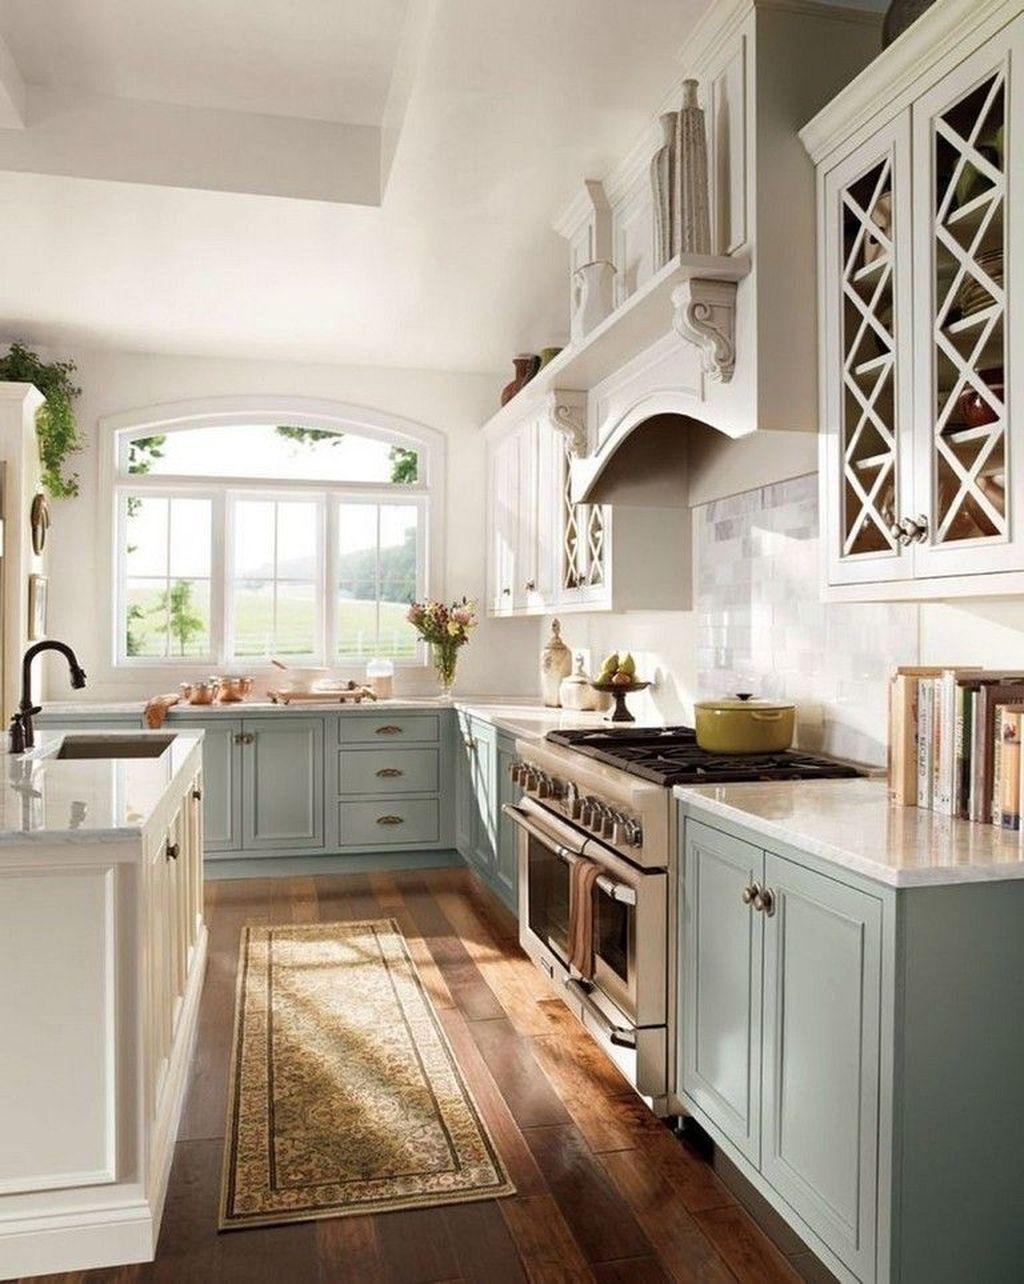 30 elegant farmhouse kitchen design decor ideas  country